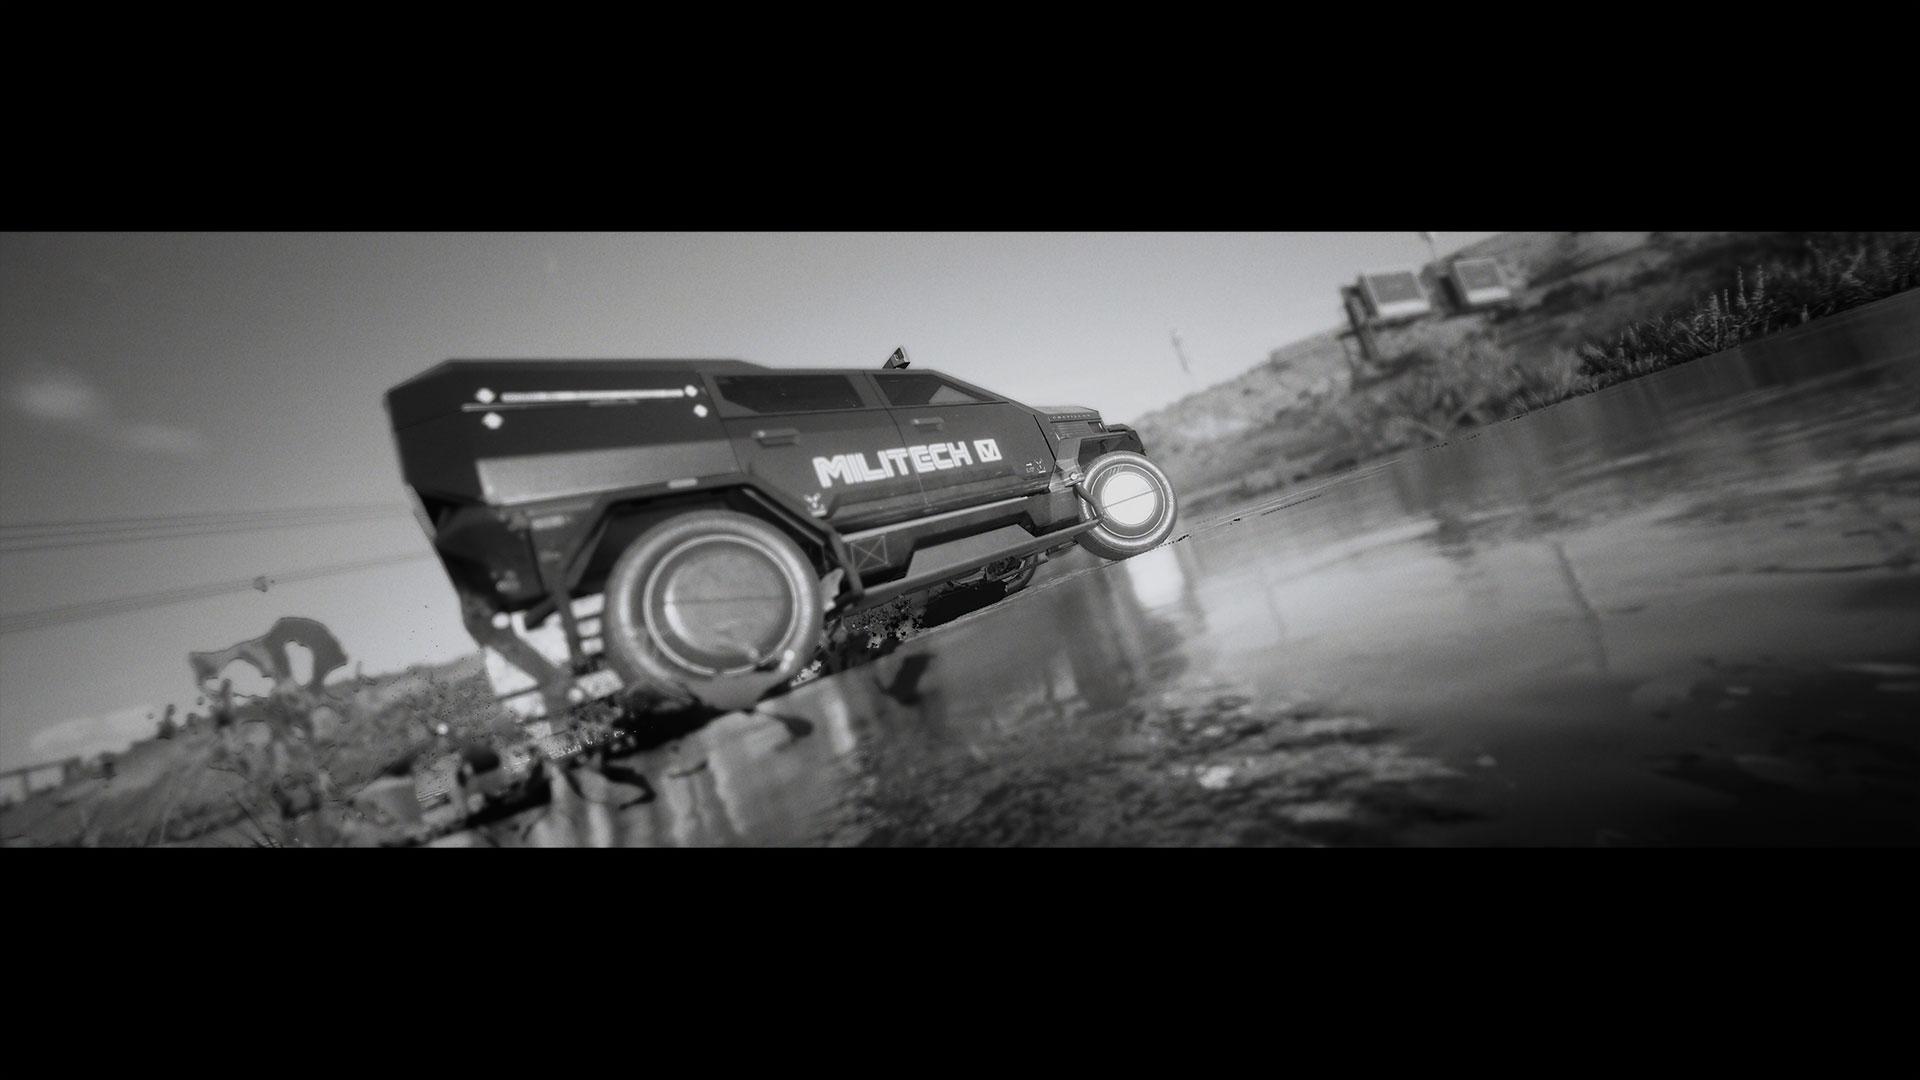 Militech van wheel spinning through mud